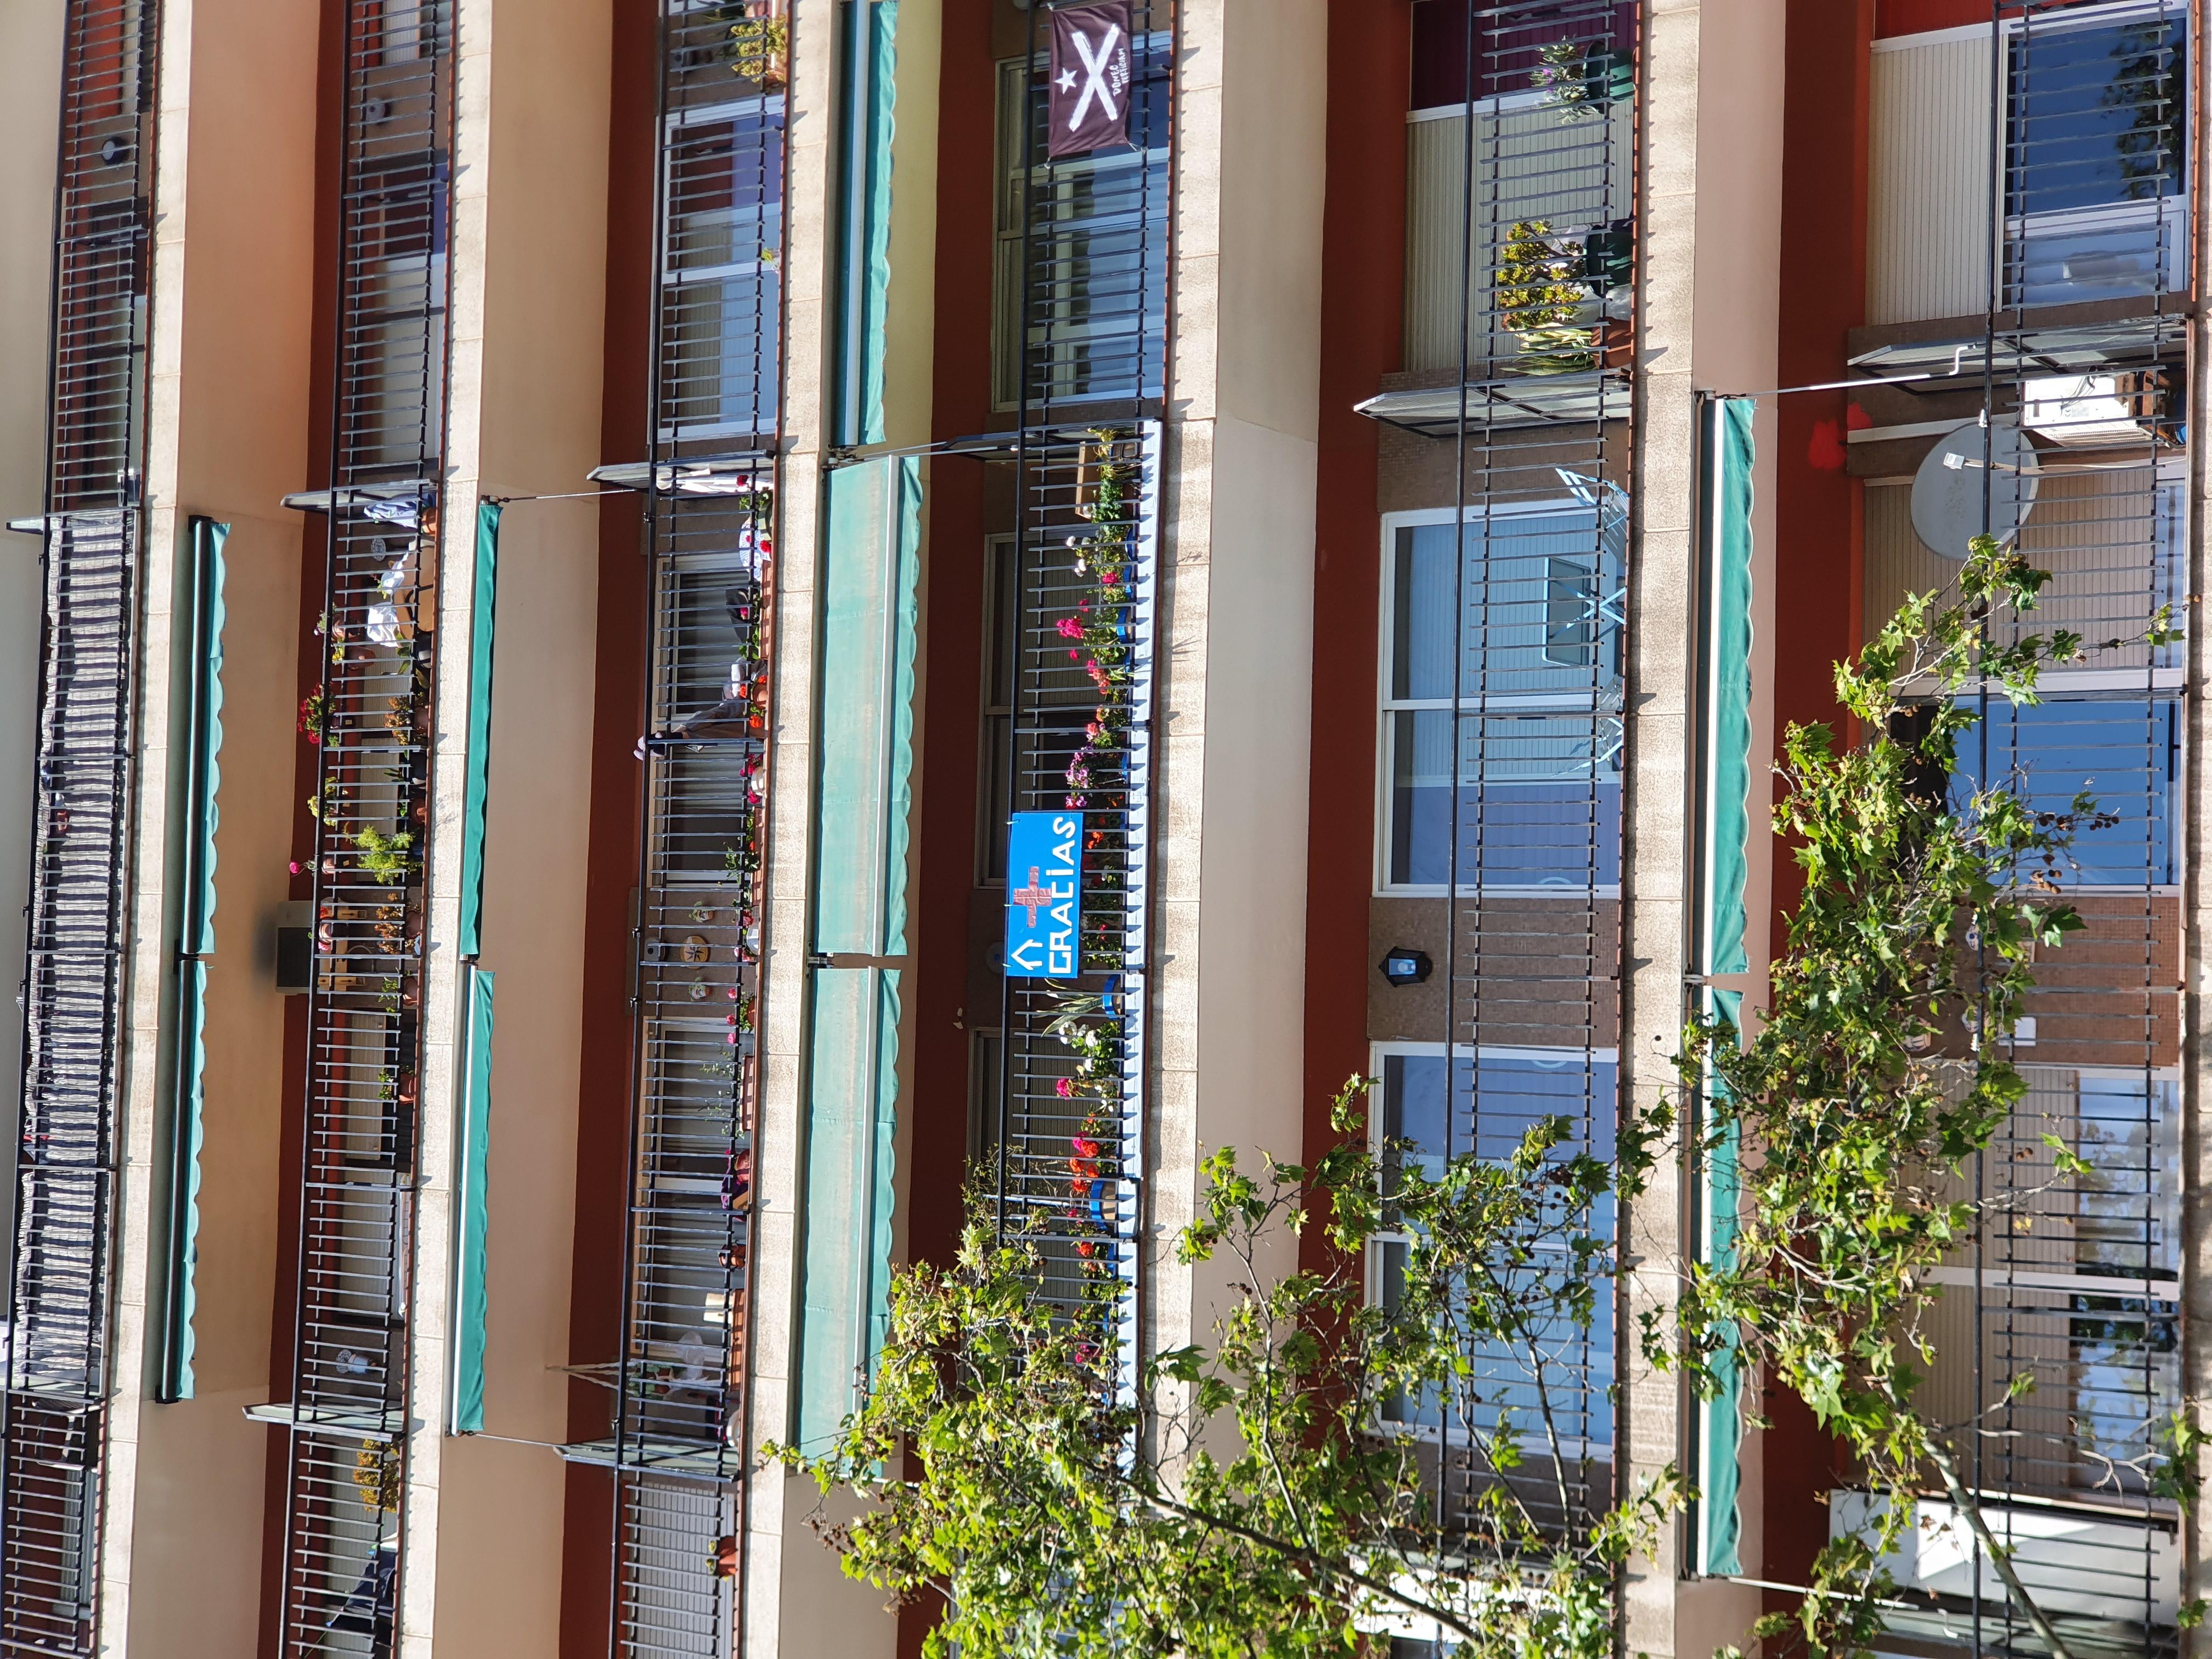 Дешевая аренда жилья в испании дубай недвижимость avito